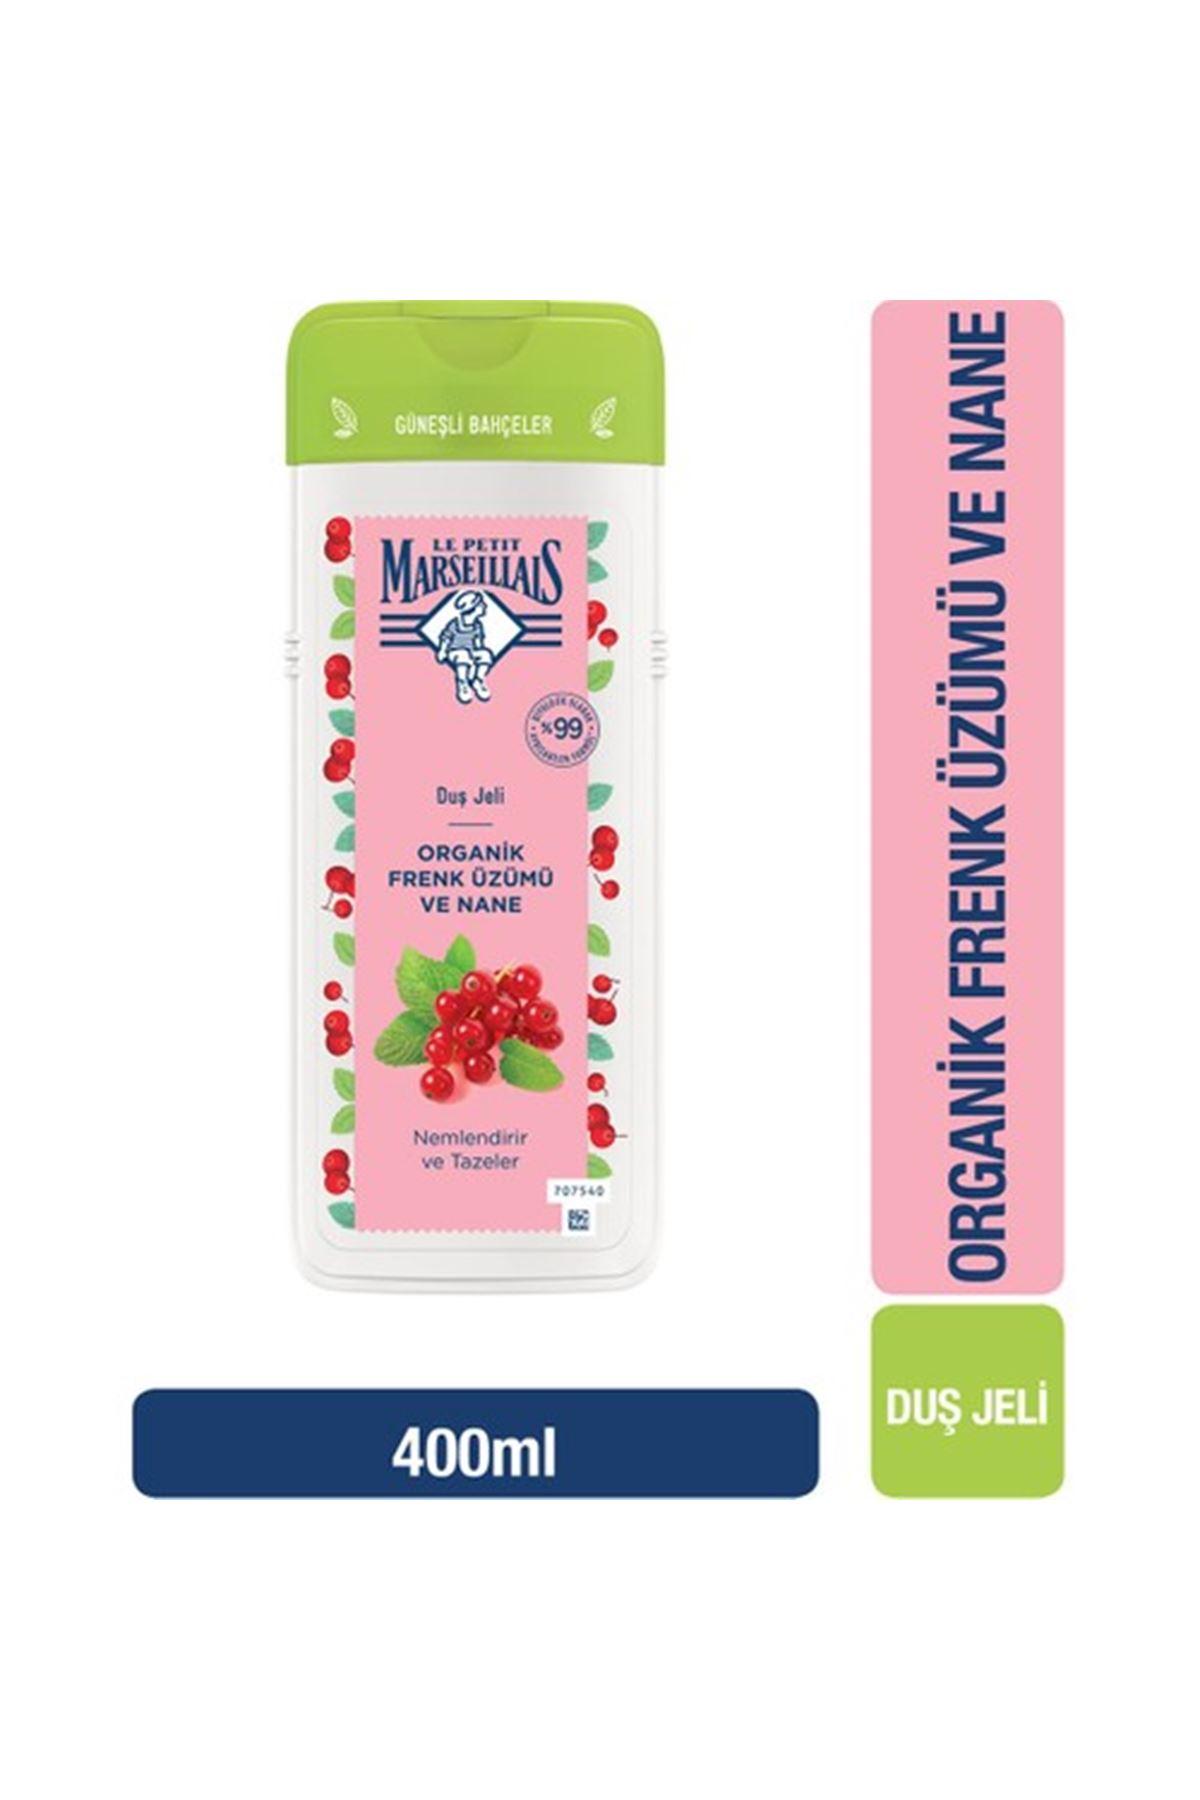 Le Petit Marseillais Organik Frenk Üzümü ve Nane Duş Jeli 400 ml